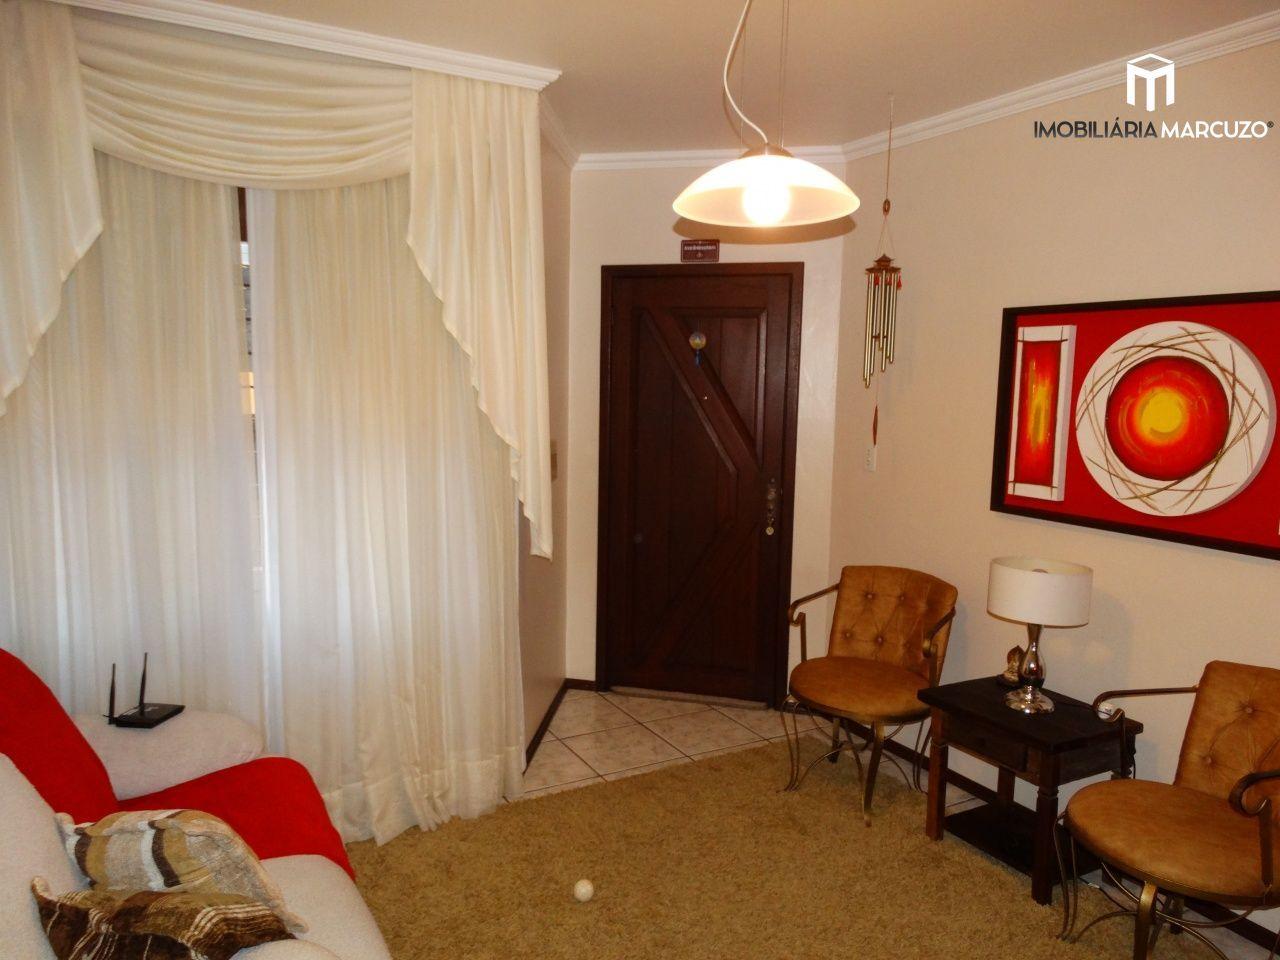 Apartamento com 2 Dormitórios à venda, 51 m² por R$ 180.000,00